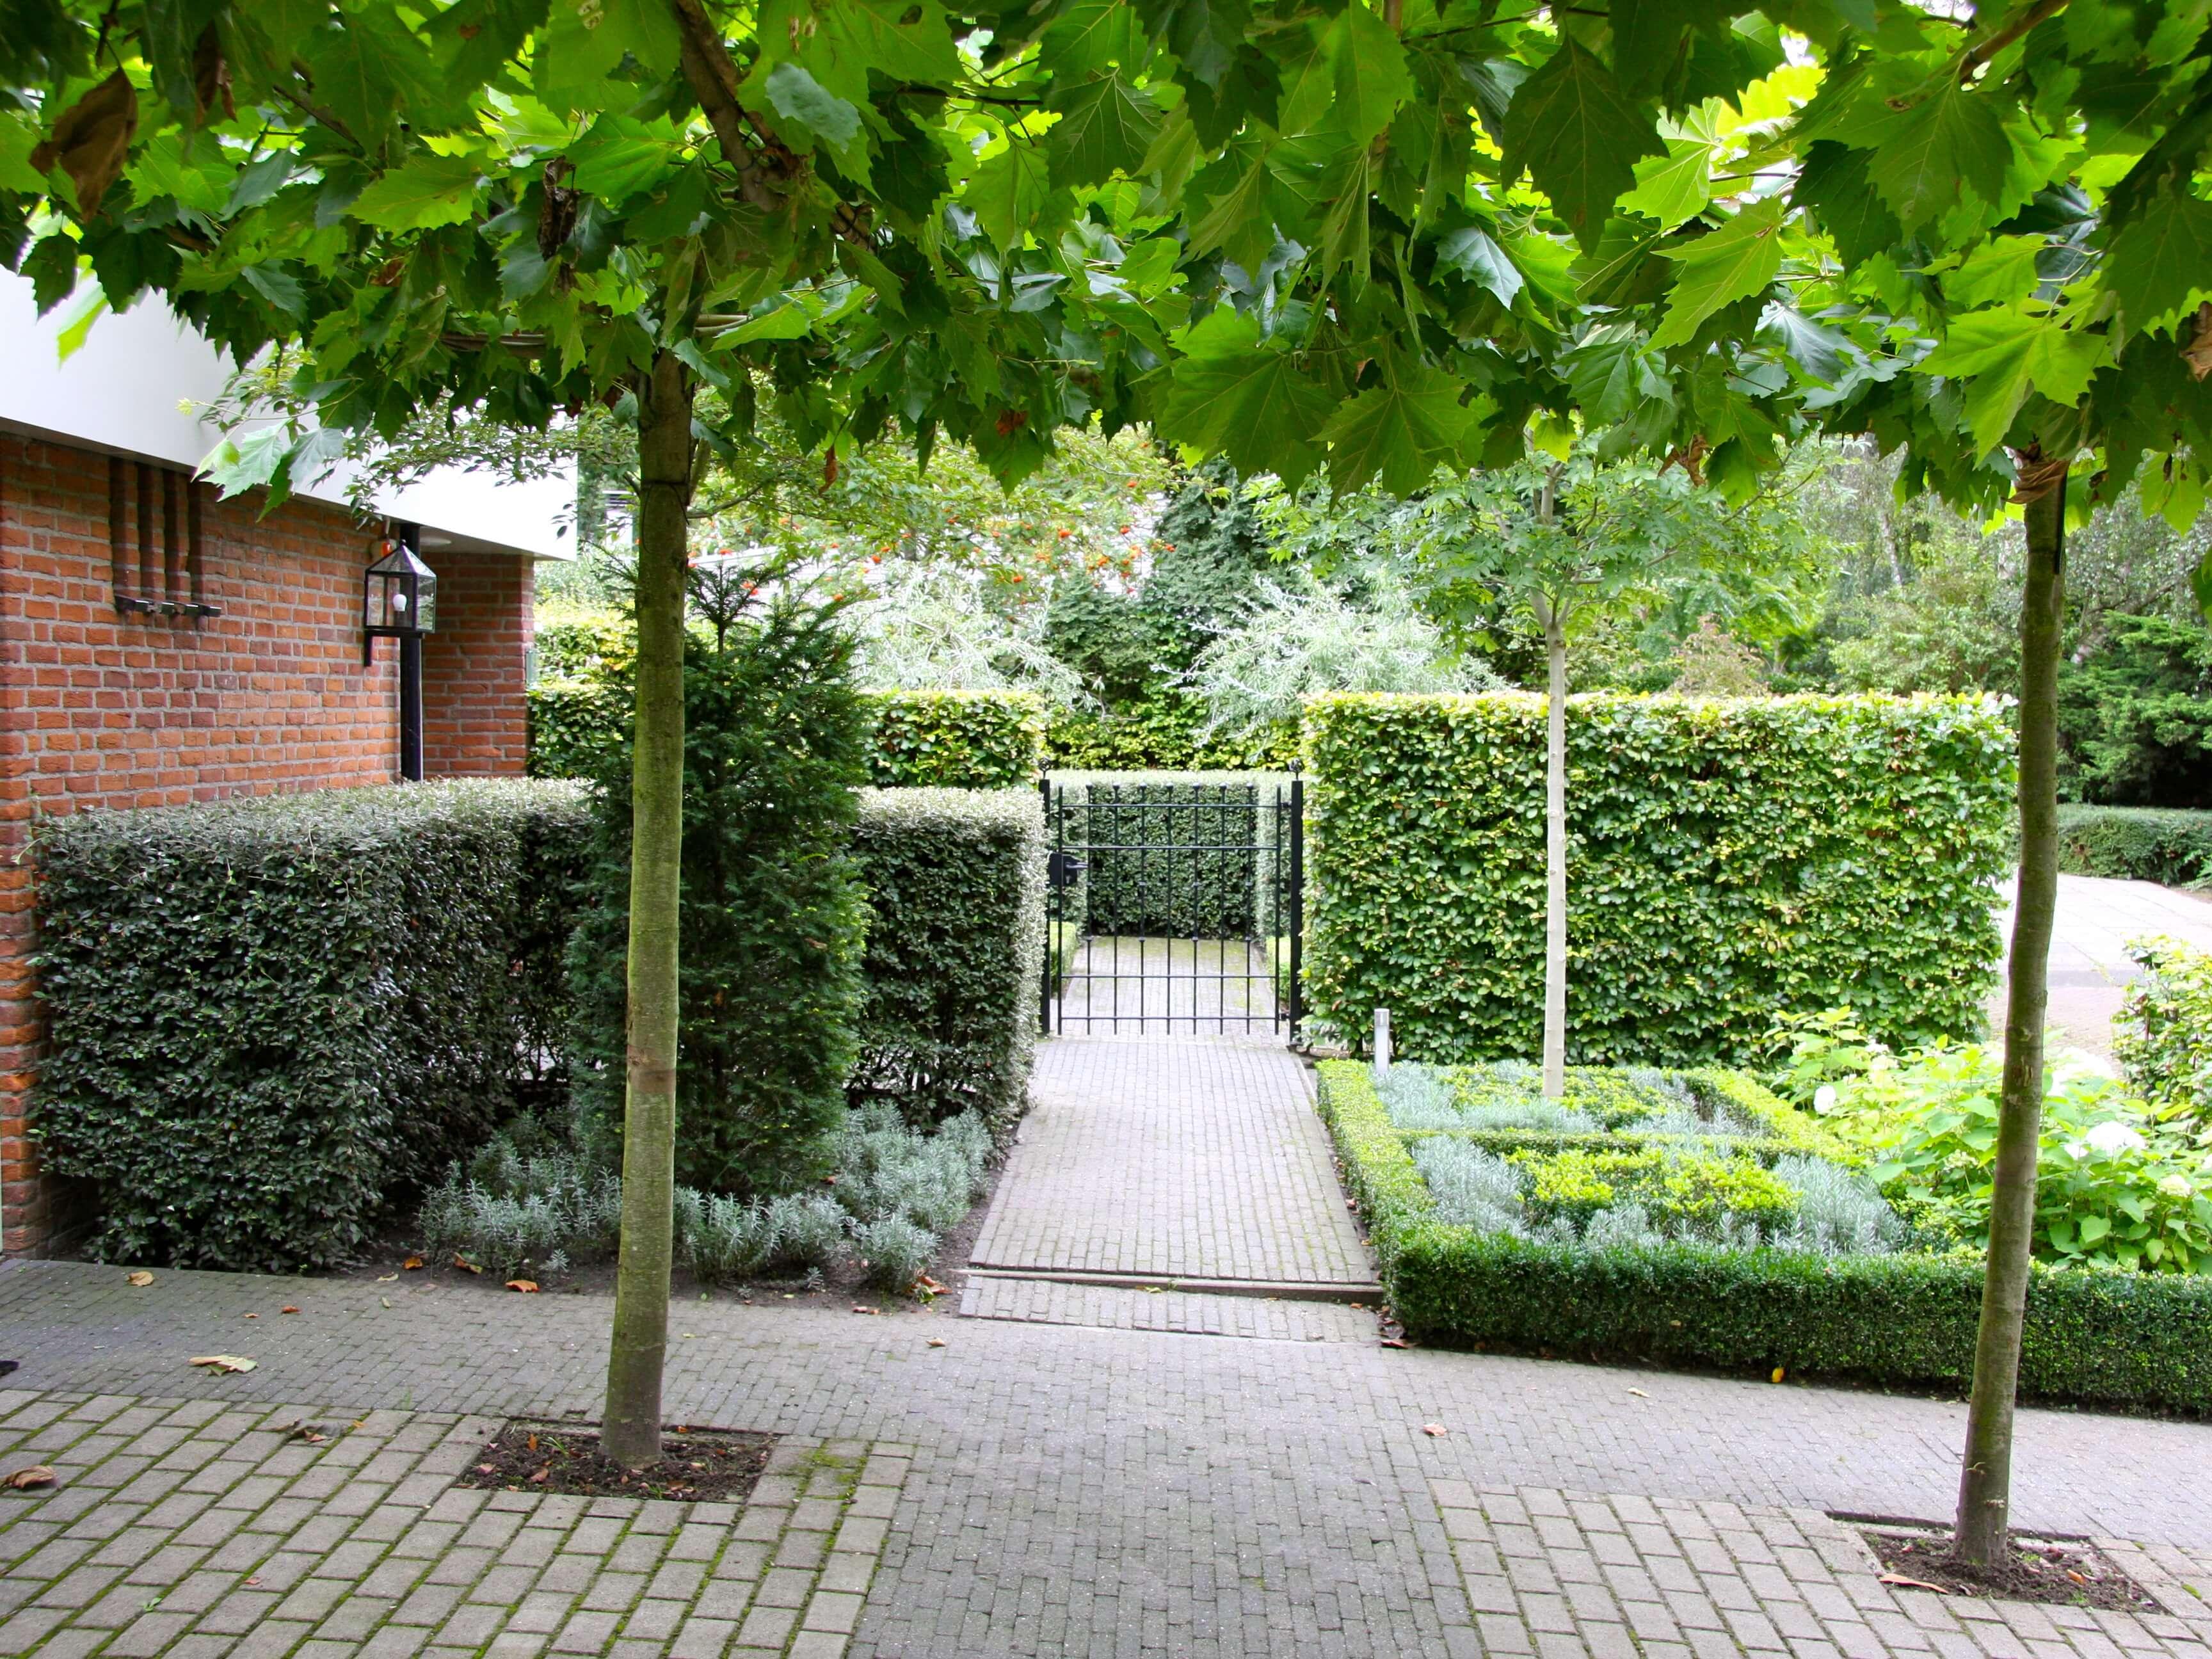 Tuin Hagen Soorten : Soorten hagen tuintuin